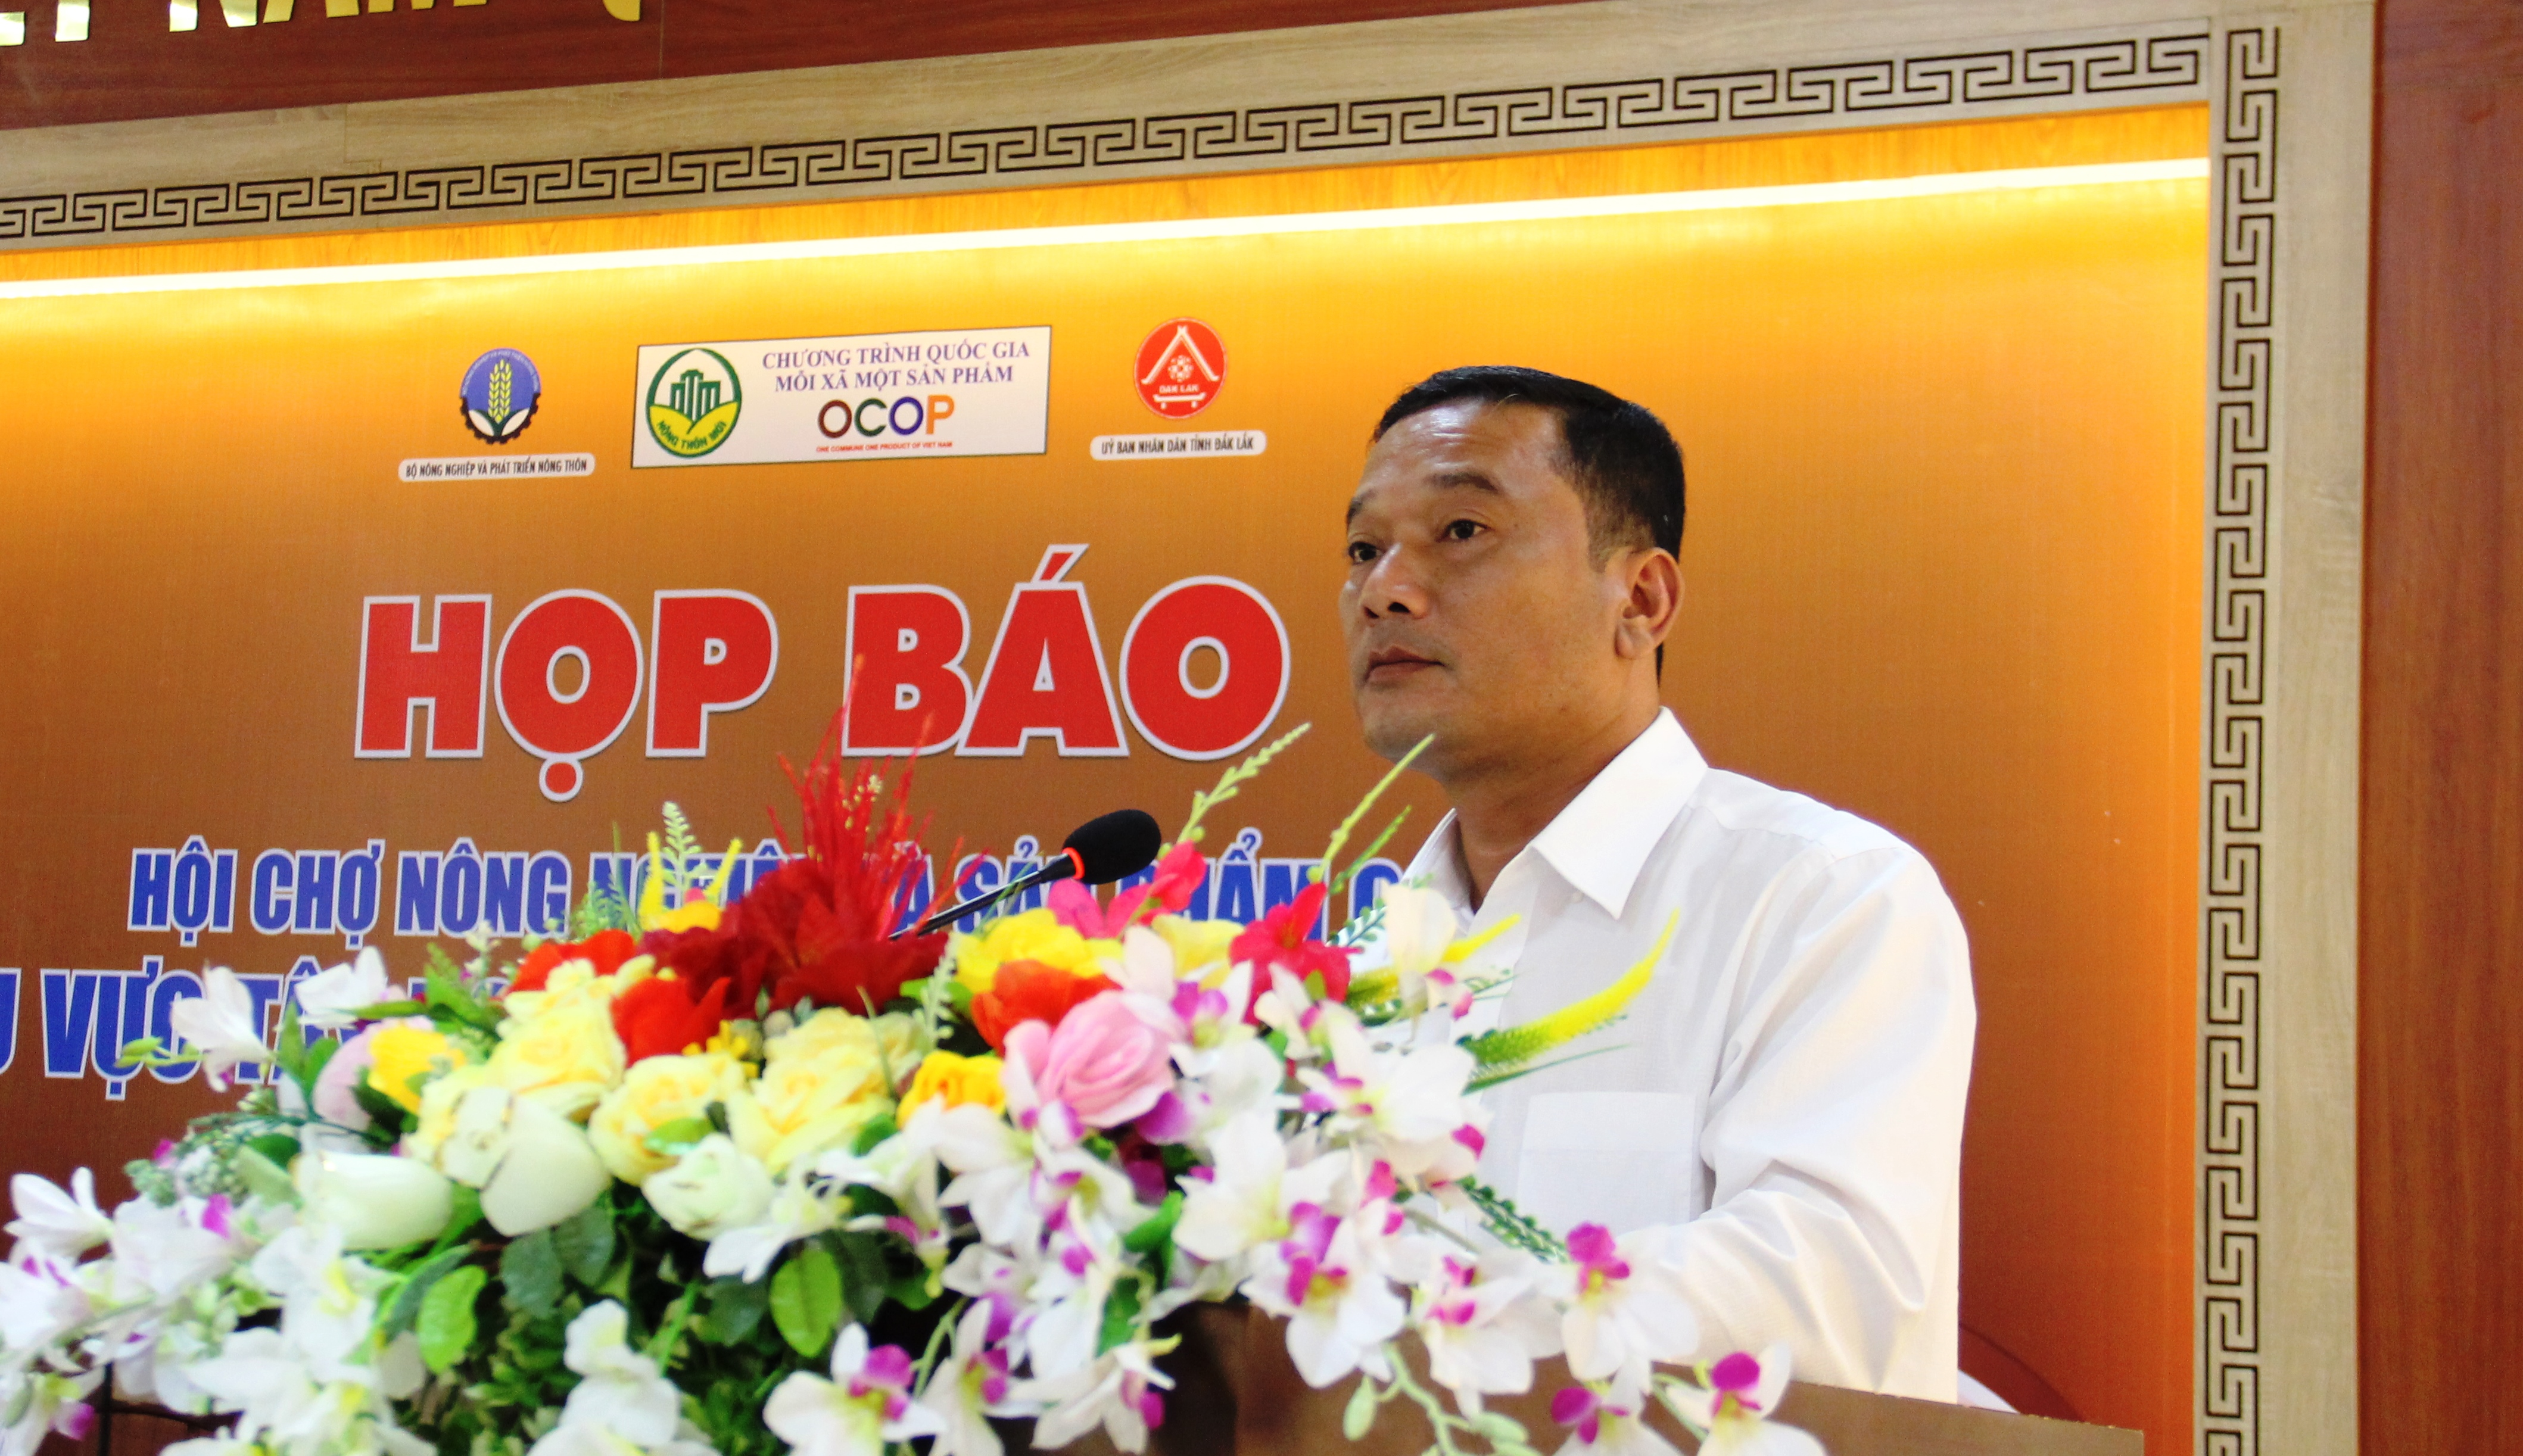 Họp báo Hội chợ nông nghiệp và sản phẩm OCOP khu vực Tây Nguyên tại Đắk Lắk năm 2019